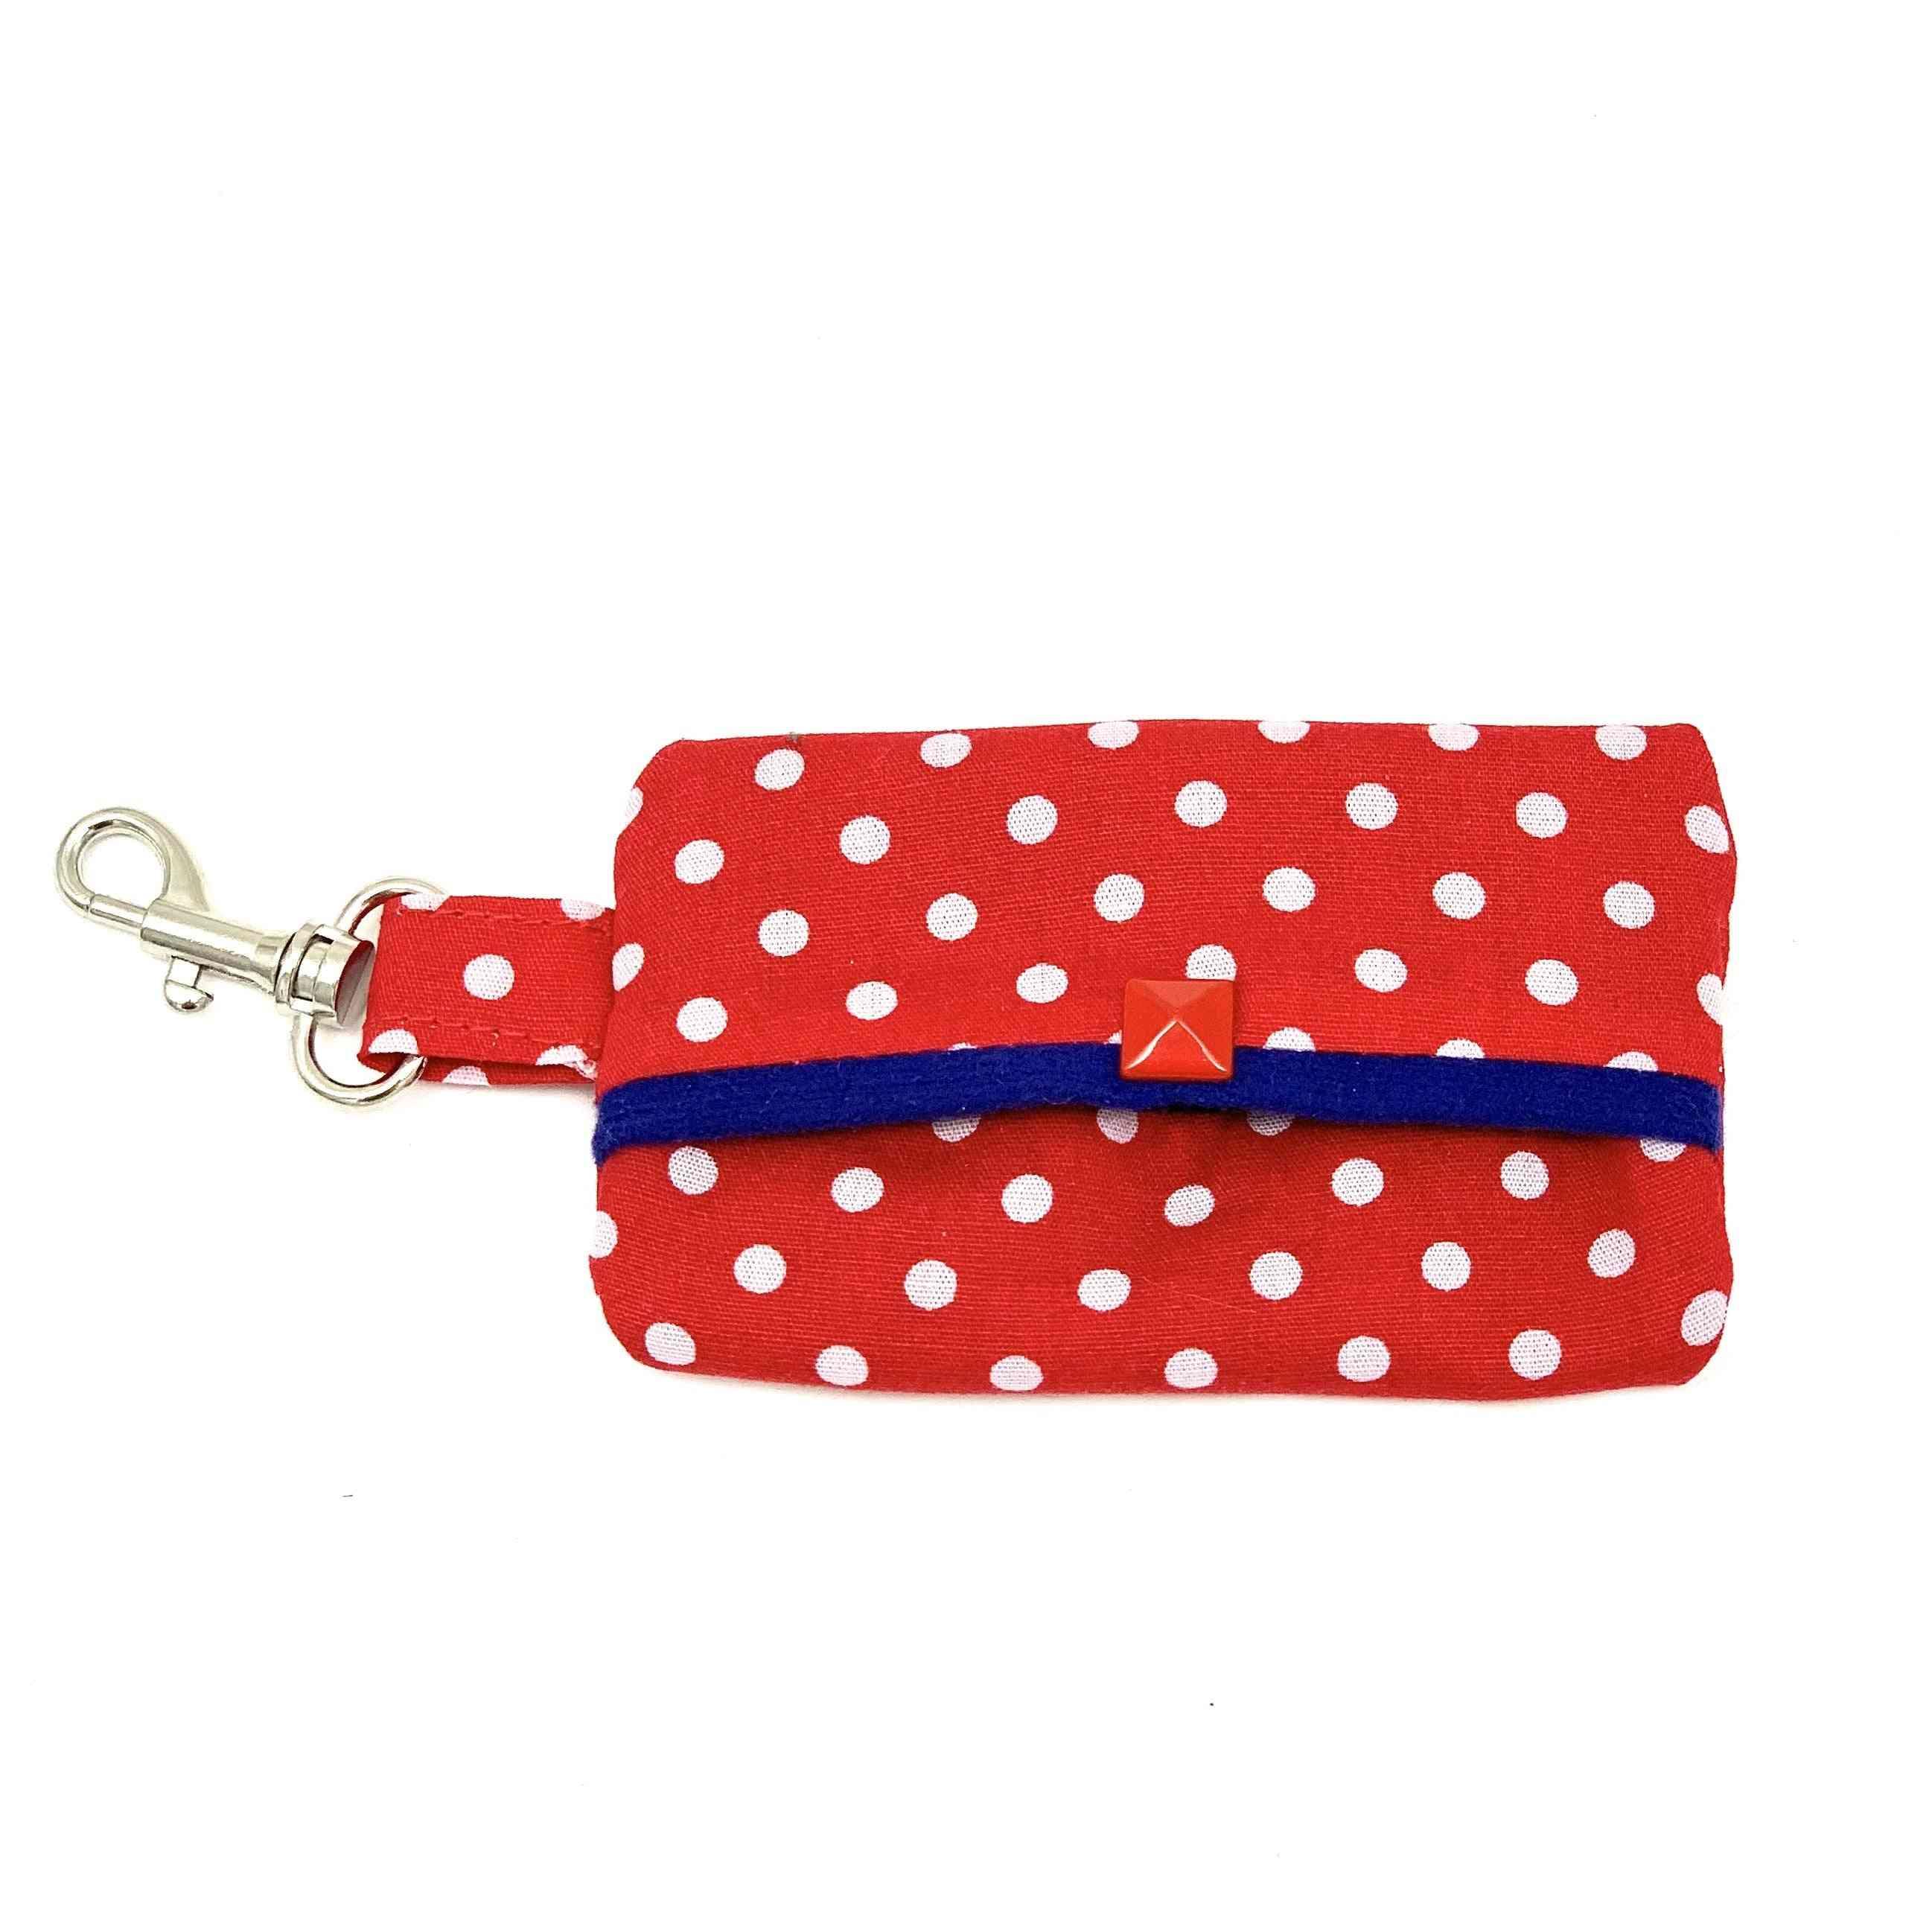 Red Polka Dog Waste Bag Holder With Blue Suede Lining